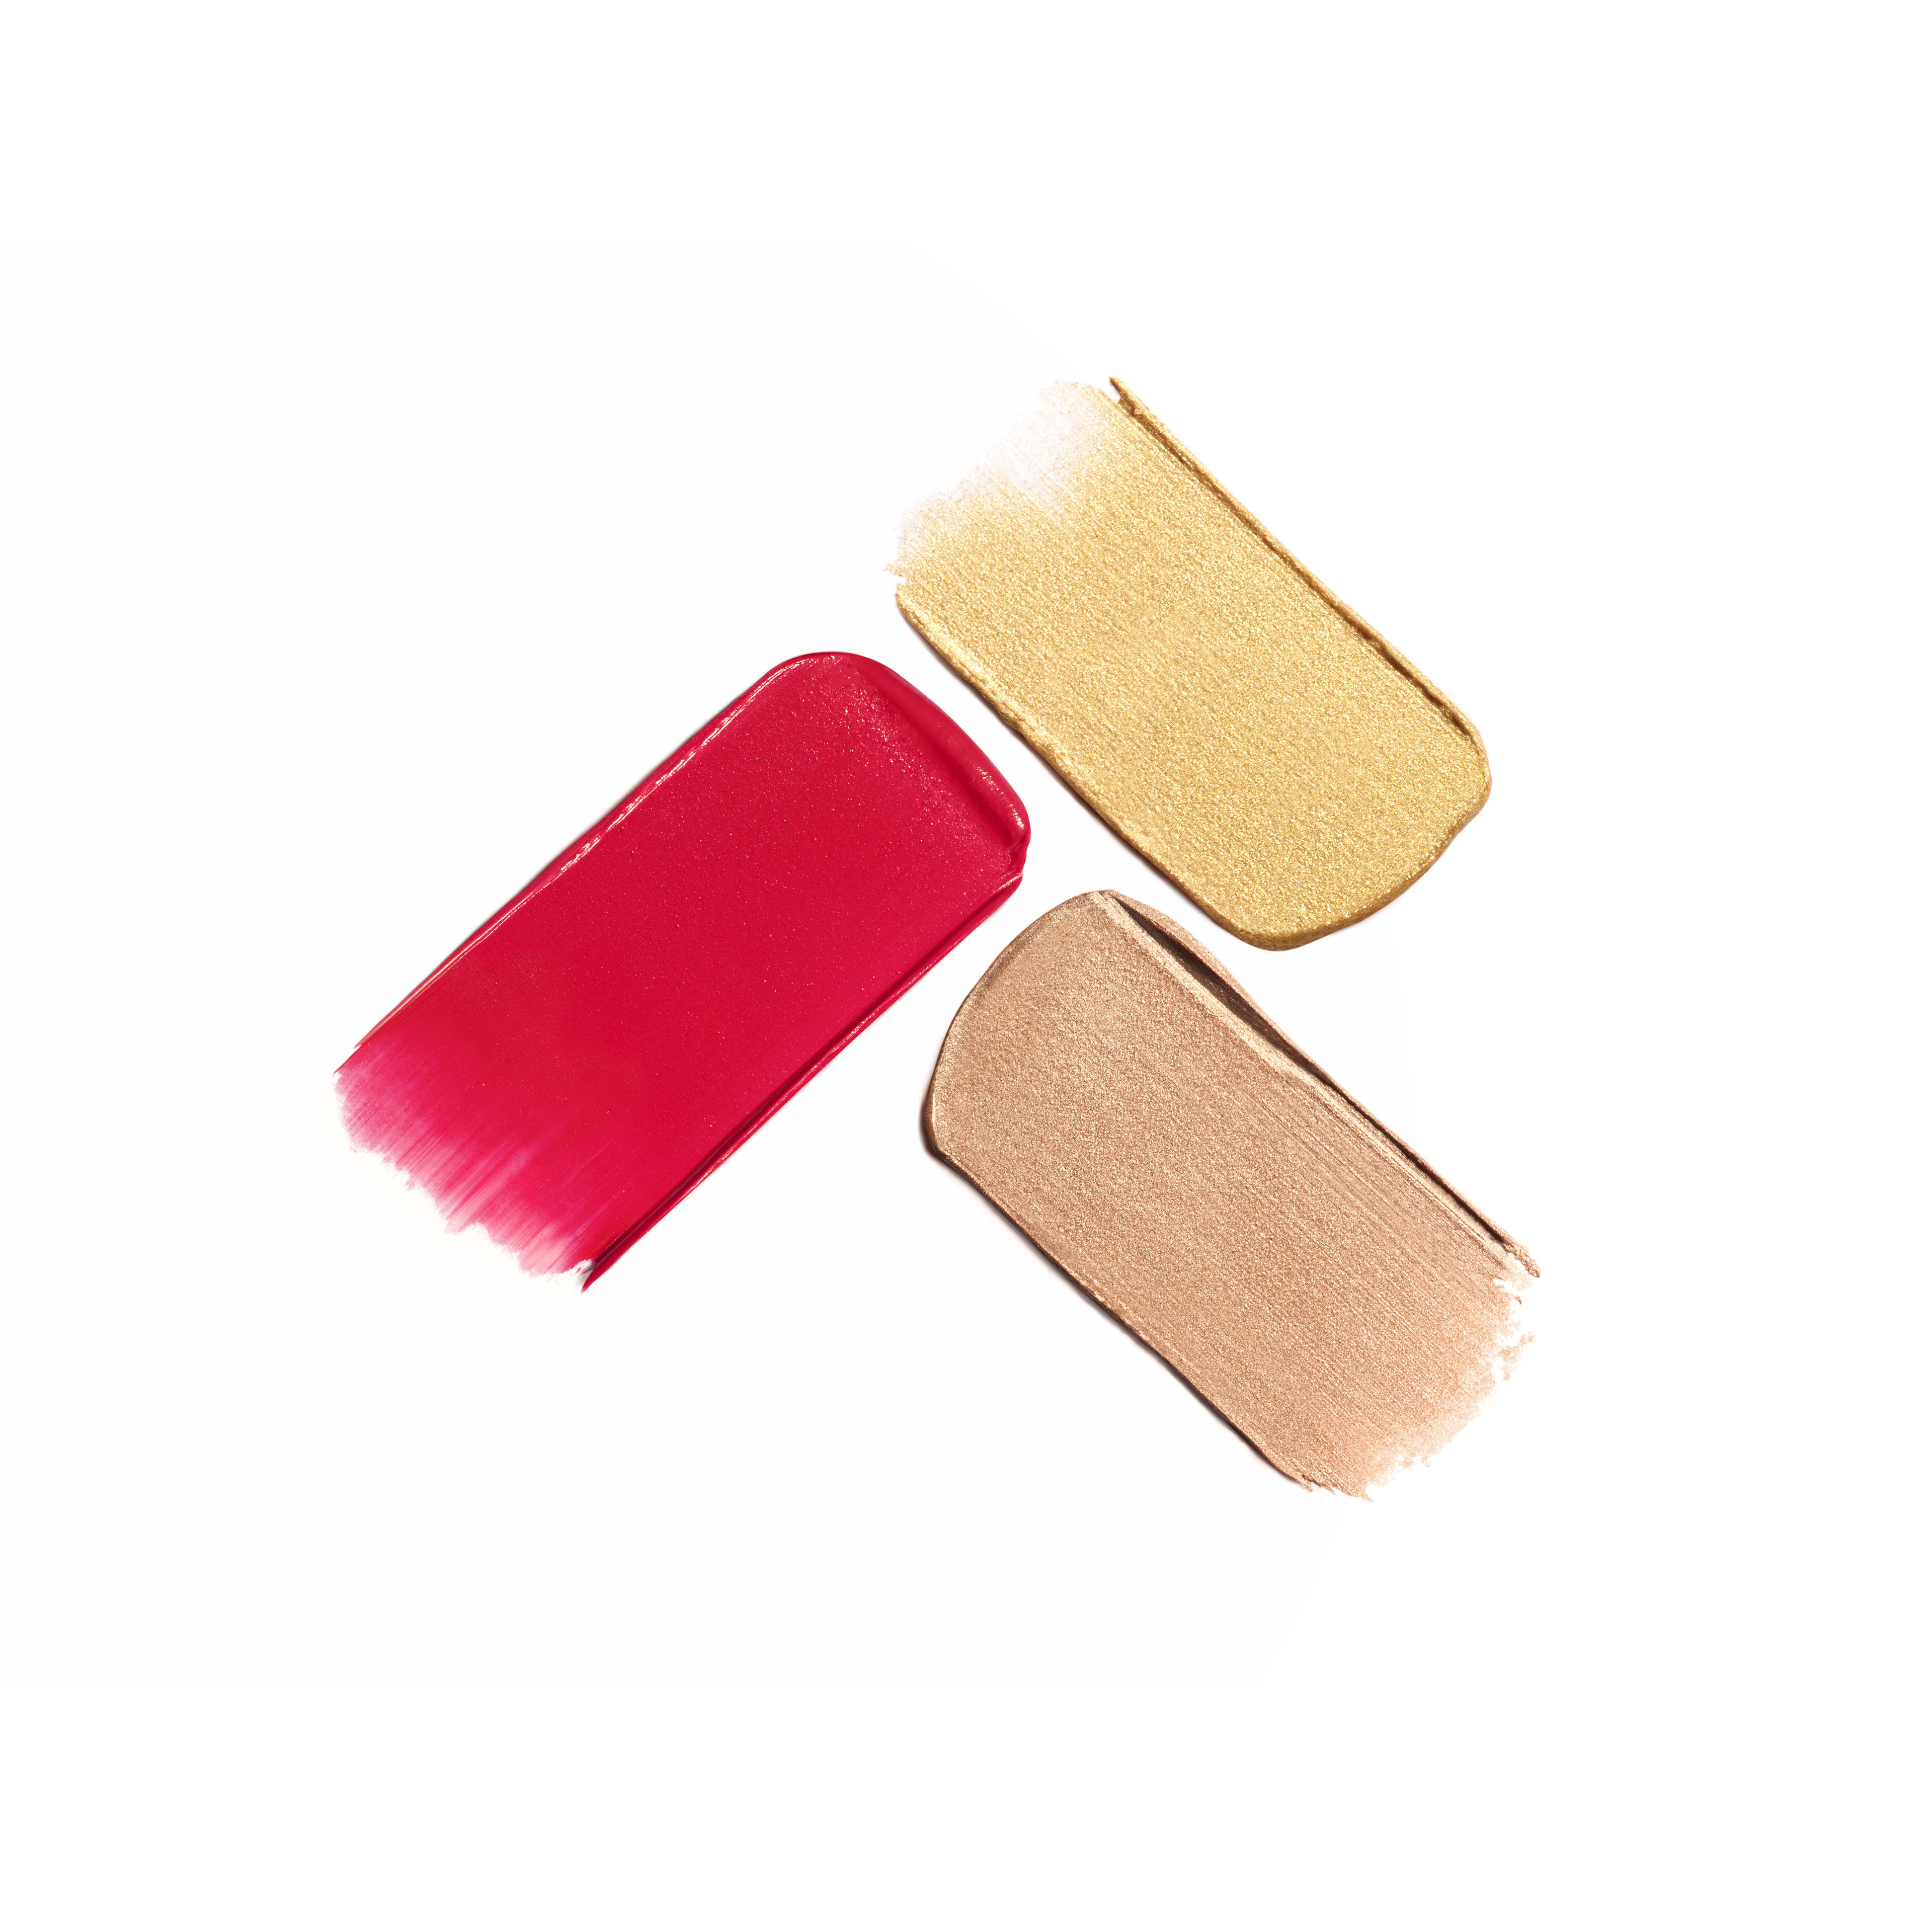 PALETTE ESSENTIELLE ÉTÉ - makeup - 9g - มุมมองพื้นผิวธรรมดา